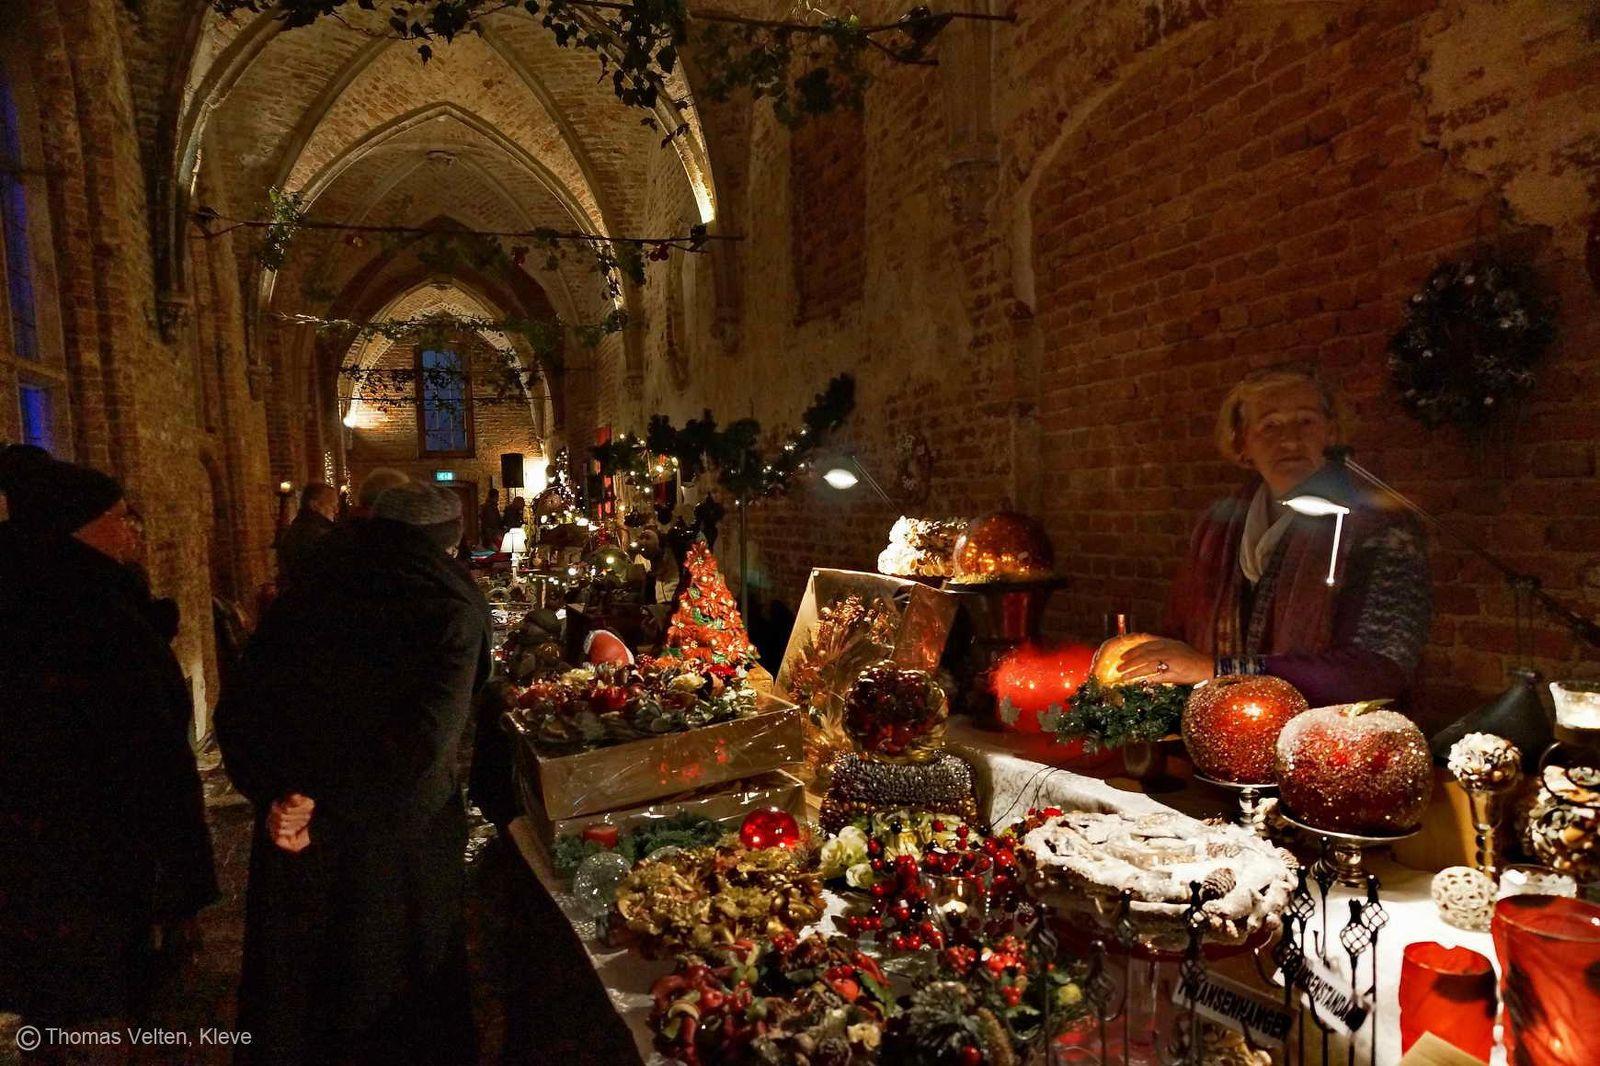 Kerstmarkt Klooster Graefenthal 2018